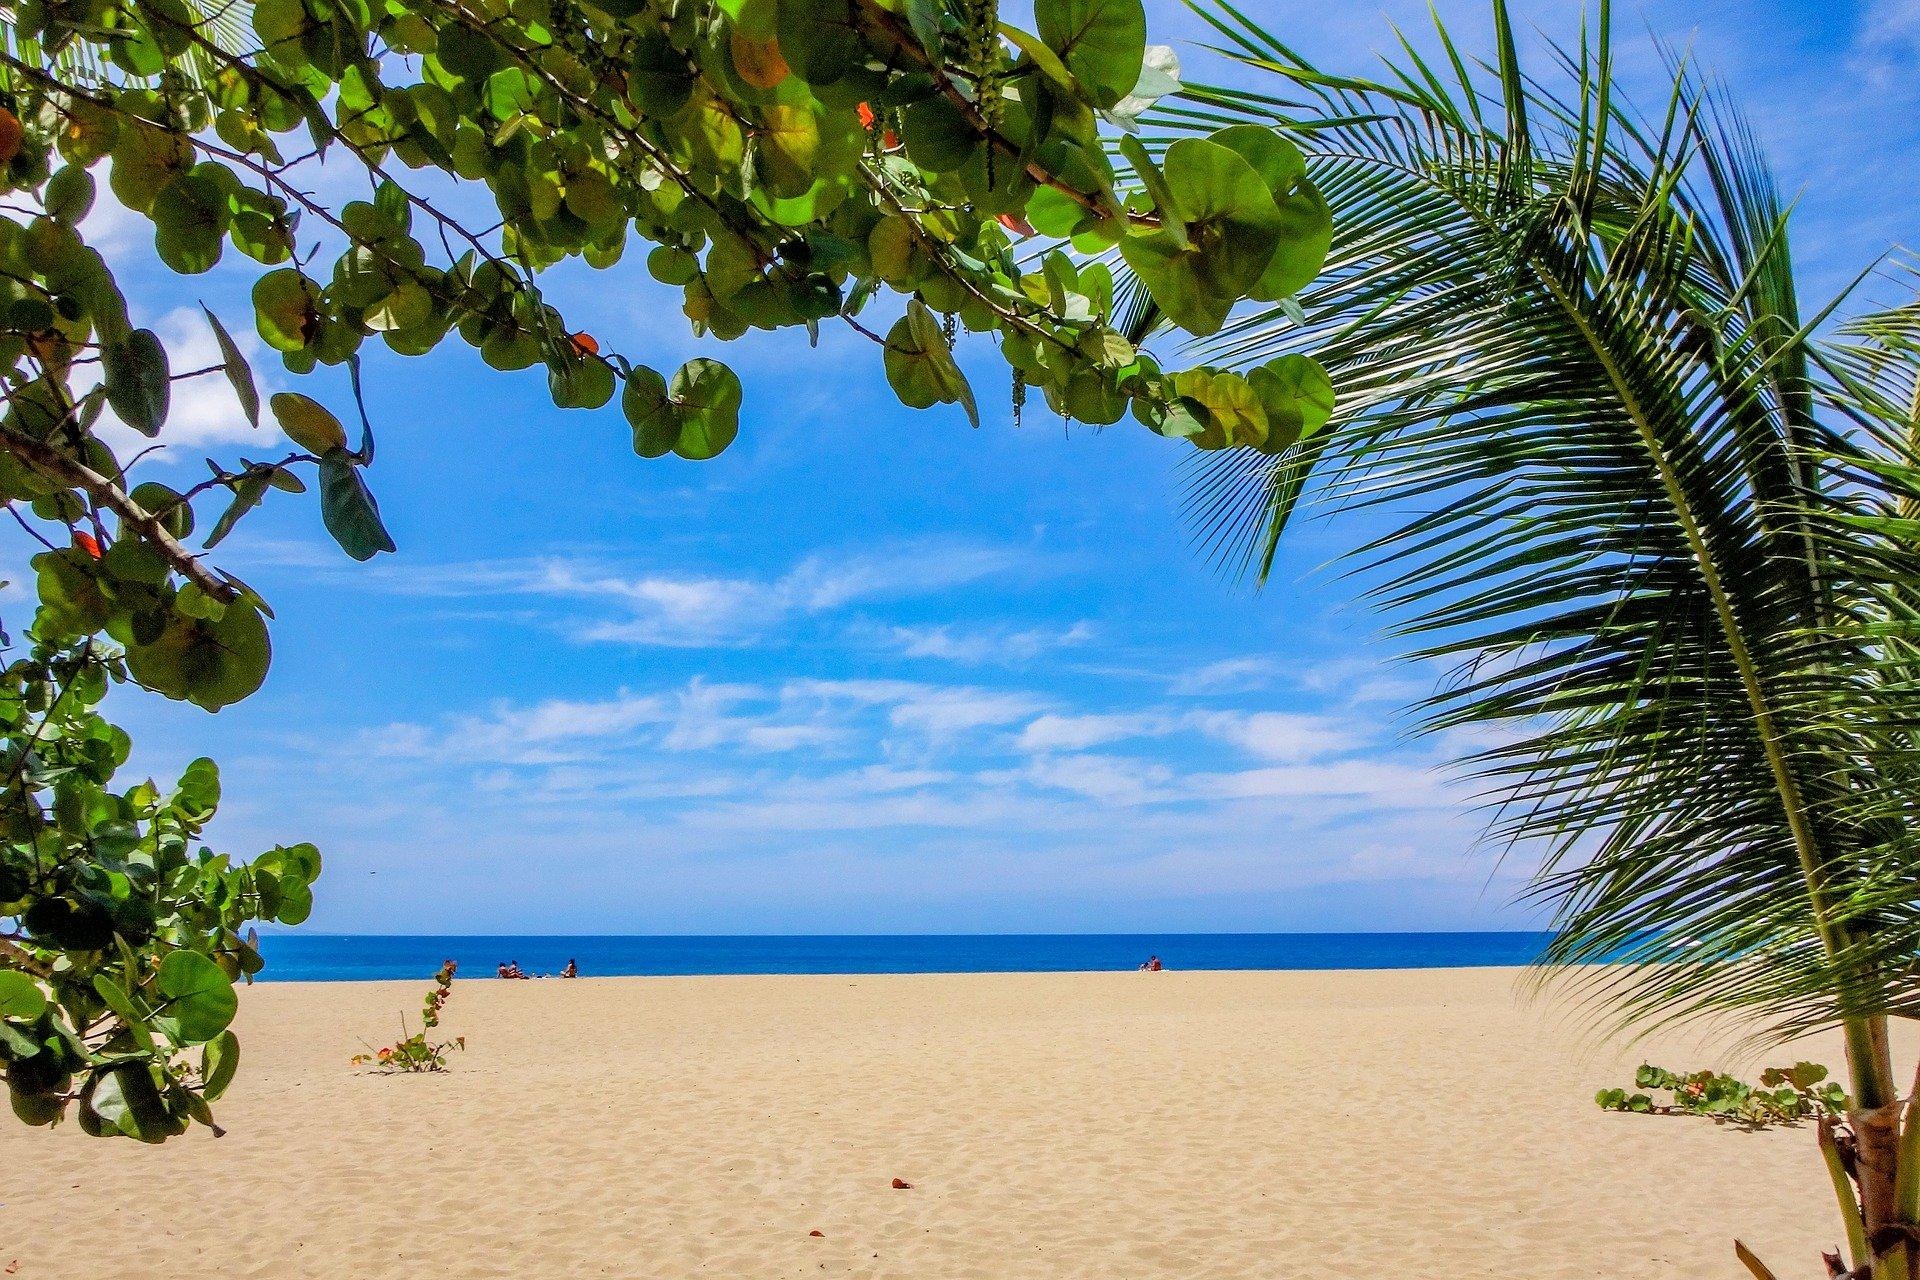 beach-2485882_1920 (1)